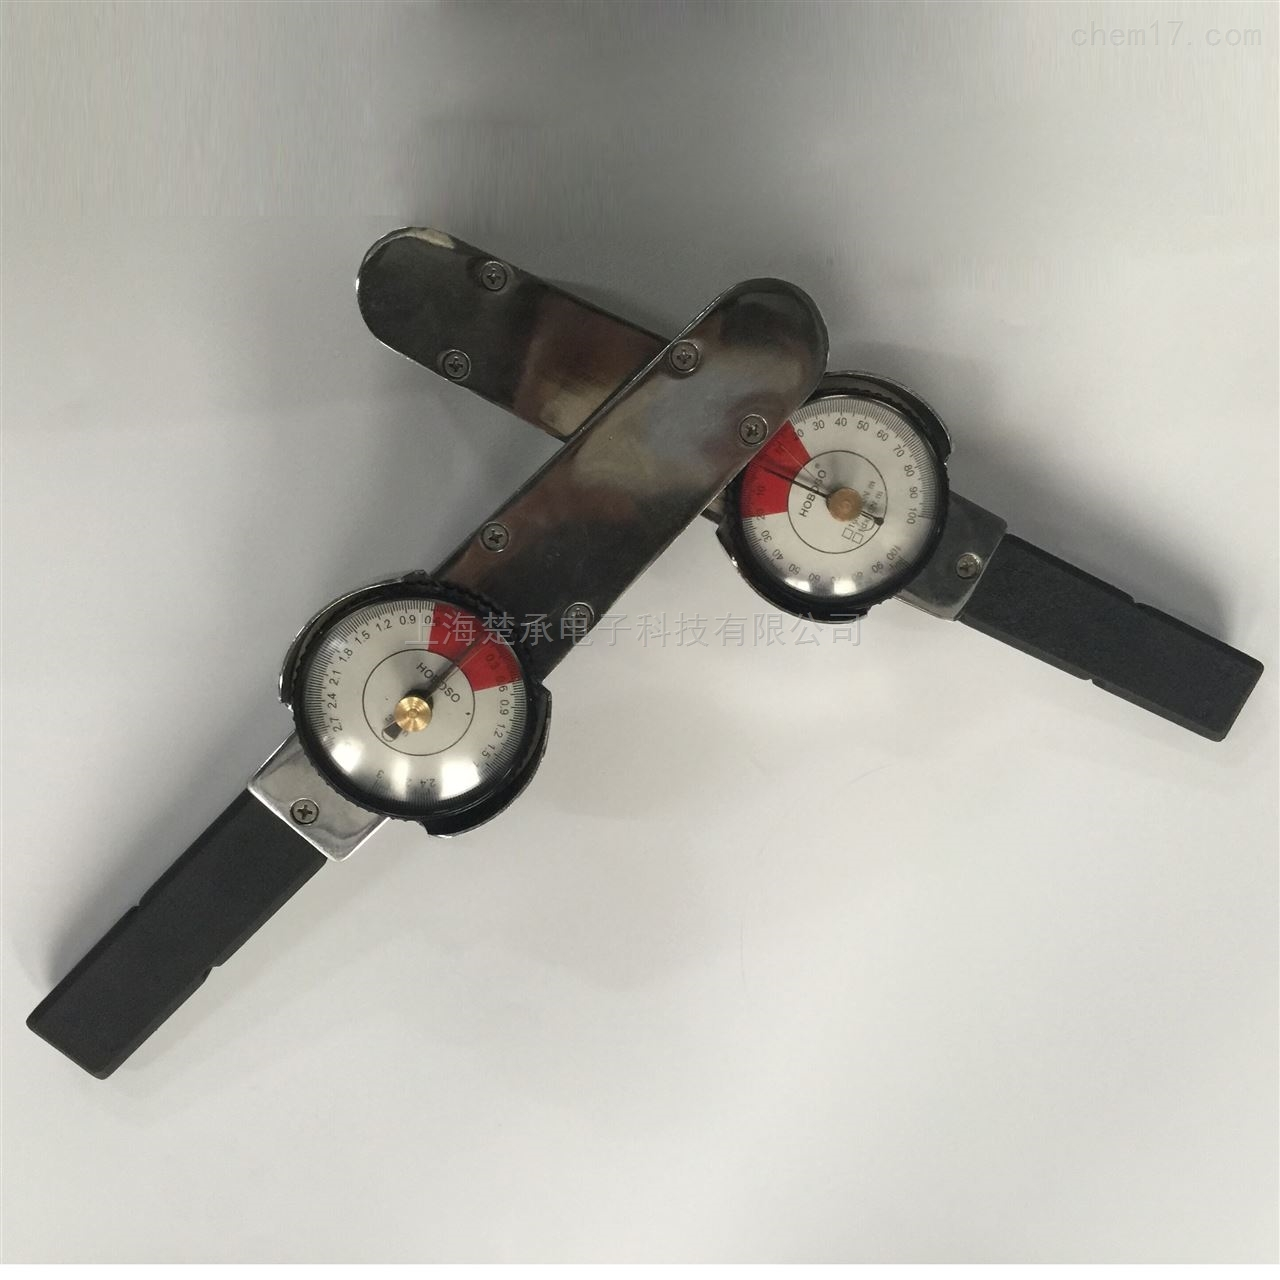 指針式扭矩扳手檢測螺母用的刻度式